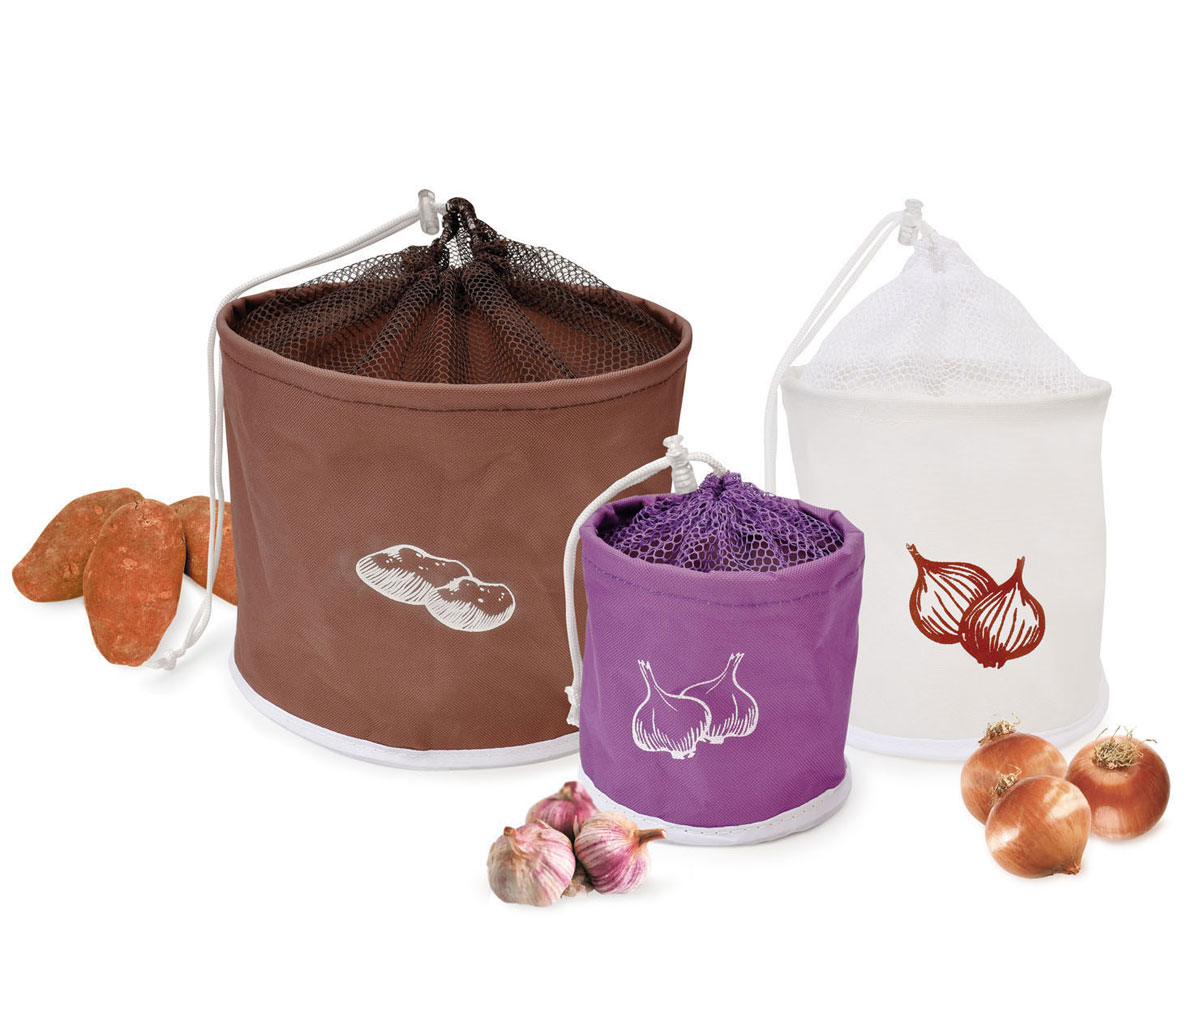 Набор сумок для хранения продуктов Iris, 3 штDFC01533-02212 W 7/SНабор Iris состоит из трех сумок разного размера и цвета, предназначенных для хранения картофеля, лука и чеснока. Изделия выполнены из плотного полиэстера, сверху оснащены сеткой на кулиске. Благодаря сетке происходит естественная вентиляция продуктов, что предотвращает их гниение. Внутренний слой предотвращает цветение и образование плесени на плодах. Сумки удобны в использовании. Оригинальные сумки станут незаменимым украшением интерьера на кухне у хорошей хозяйки. Диаметр сумок: 12 см, 19 см, 25 см. Высота сумок: 12 см, 18,5 см, 20,5 см.